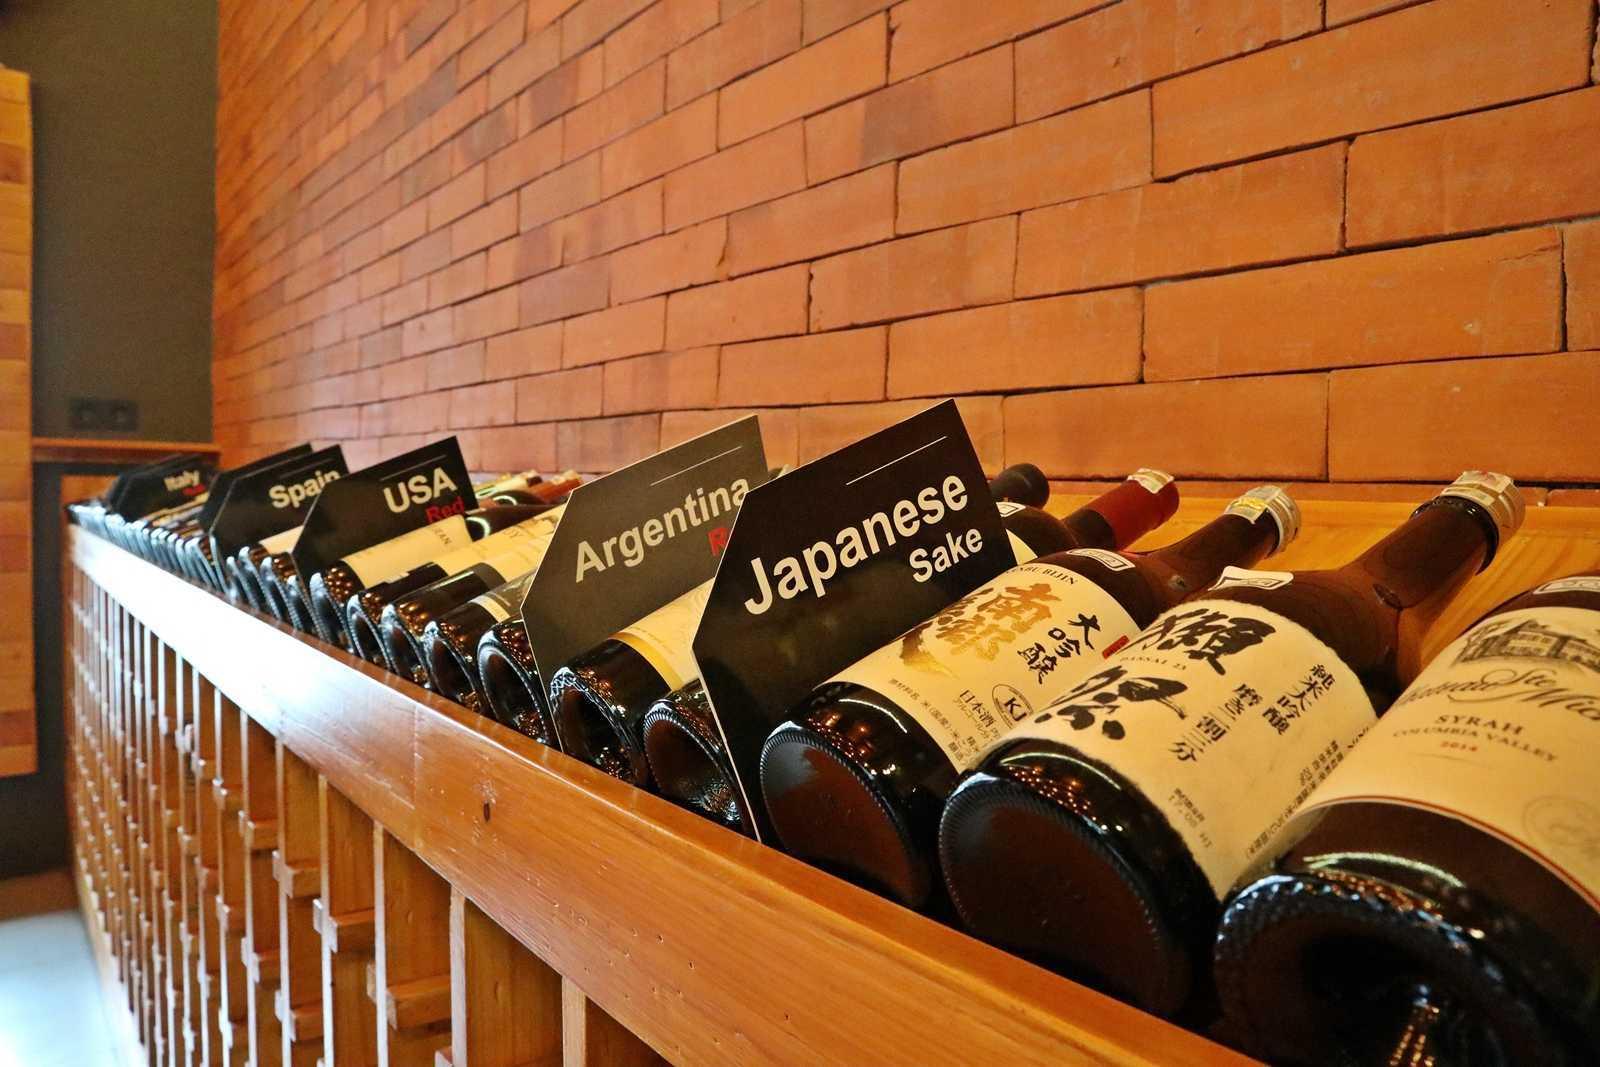 Bd Studio The Traders - Wine Sake Room Medan, Kota Medan, Sumatera Utara, Indonesia Medan, Kota Medan, Sumatera Utara, Indonesia Bd-Studio-The-Trader-Wine-Sake-Room  74083